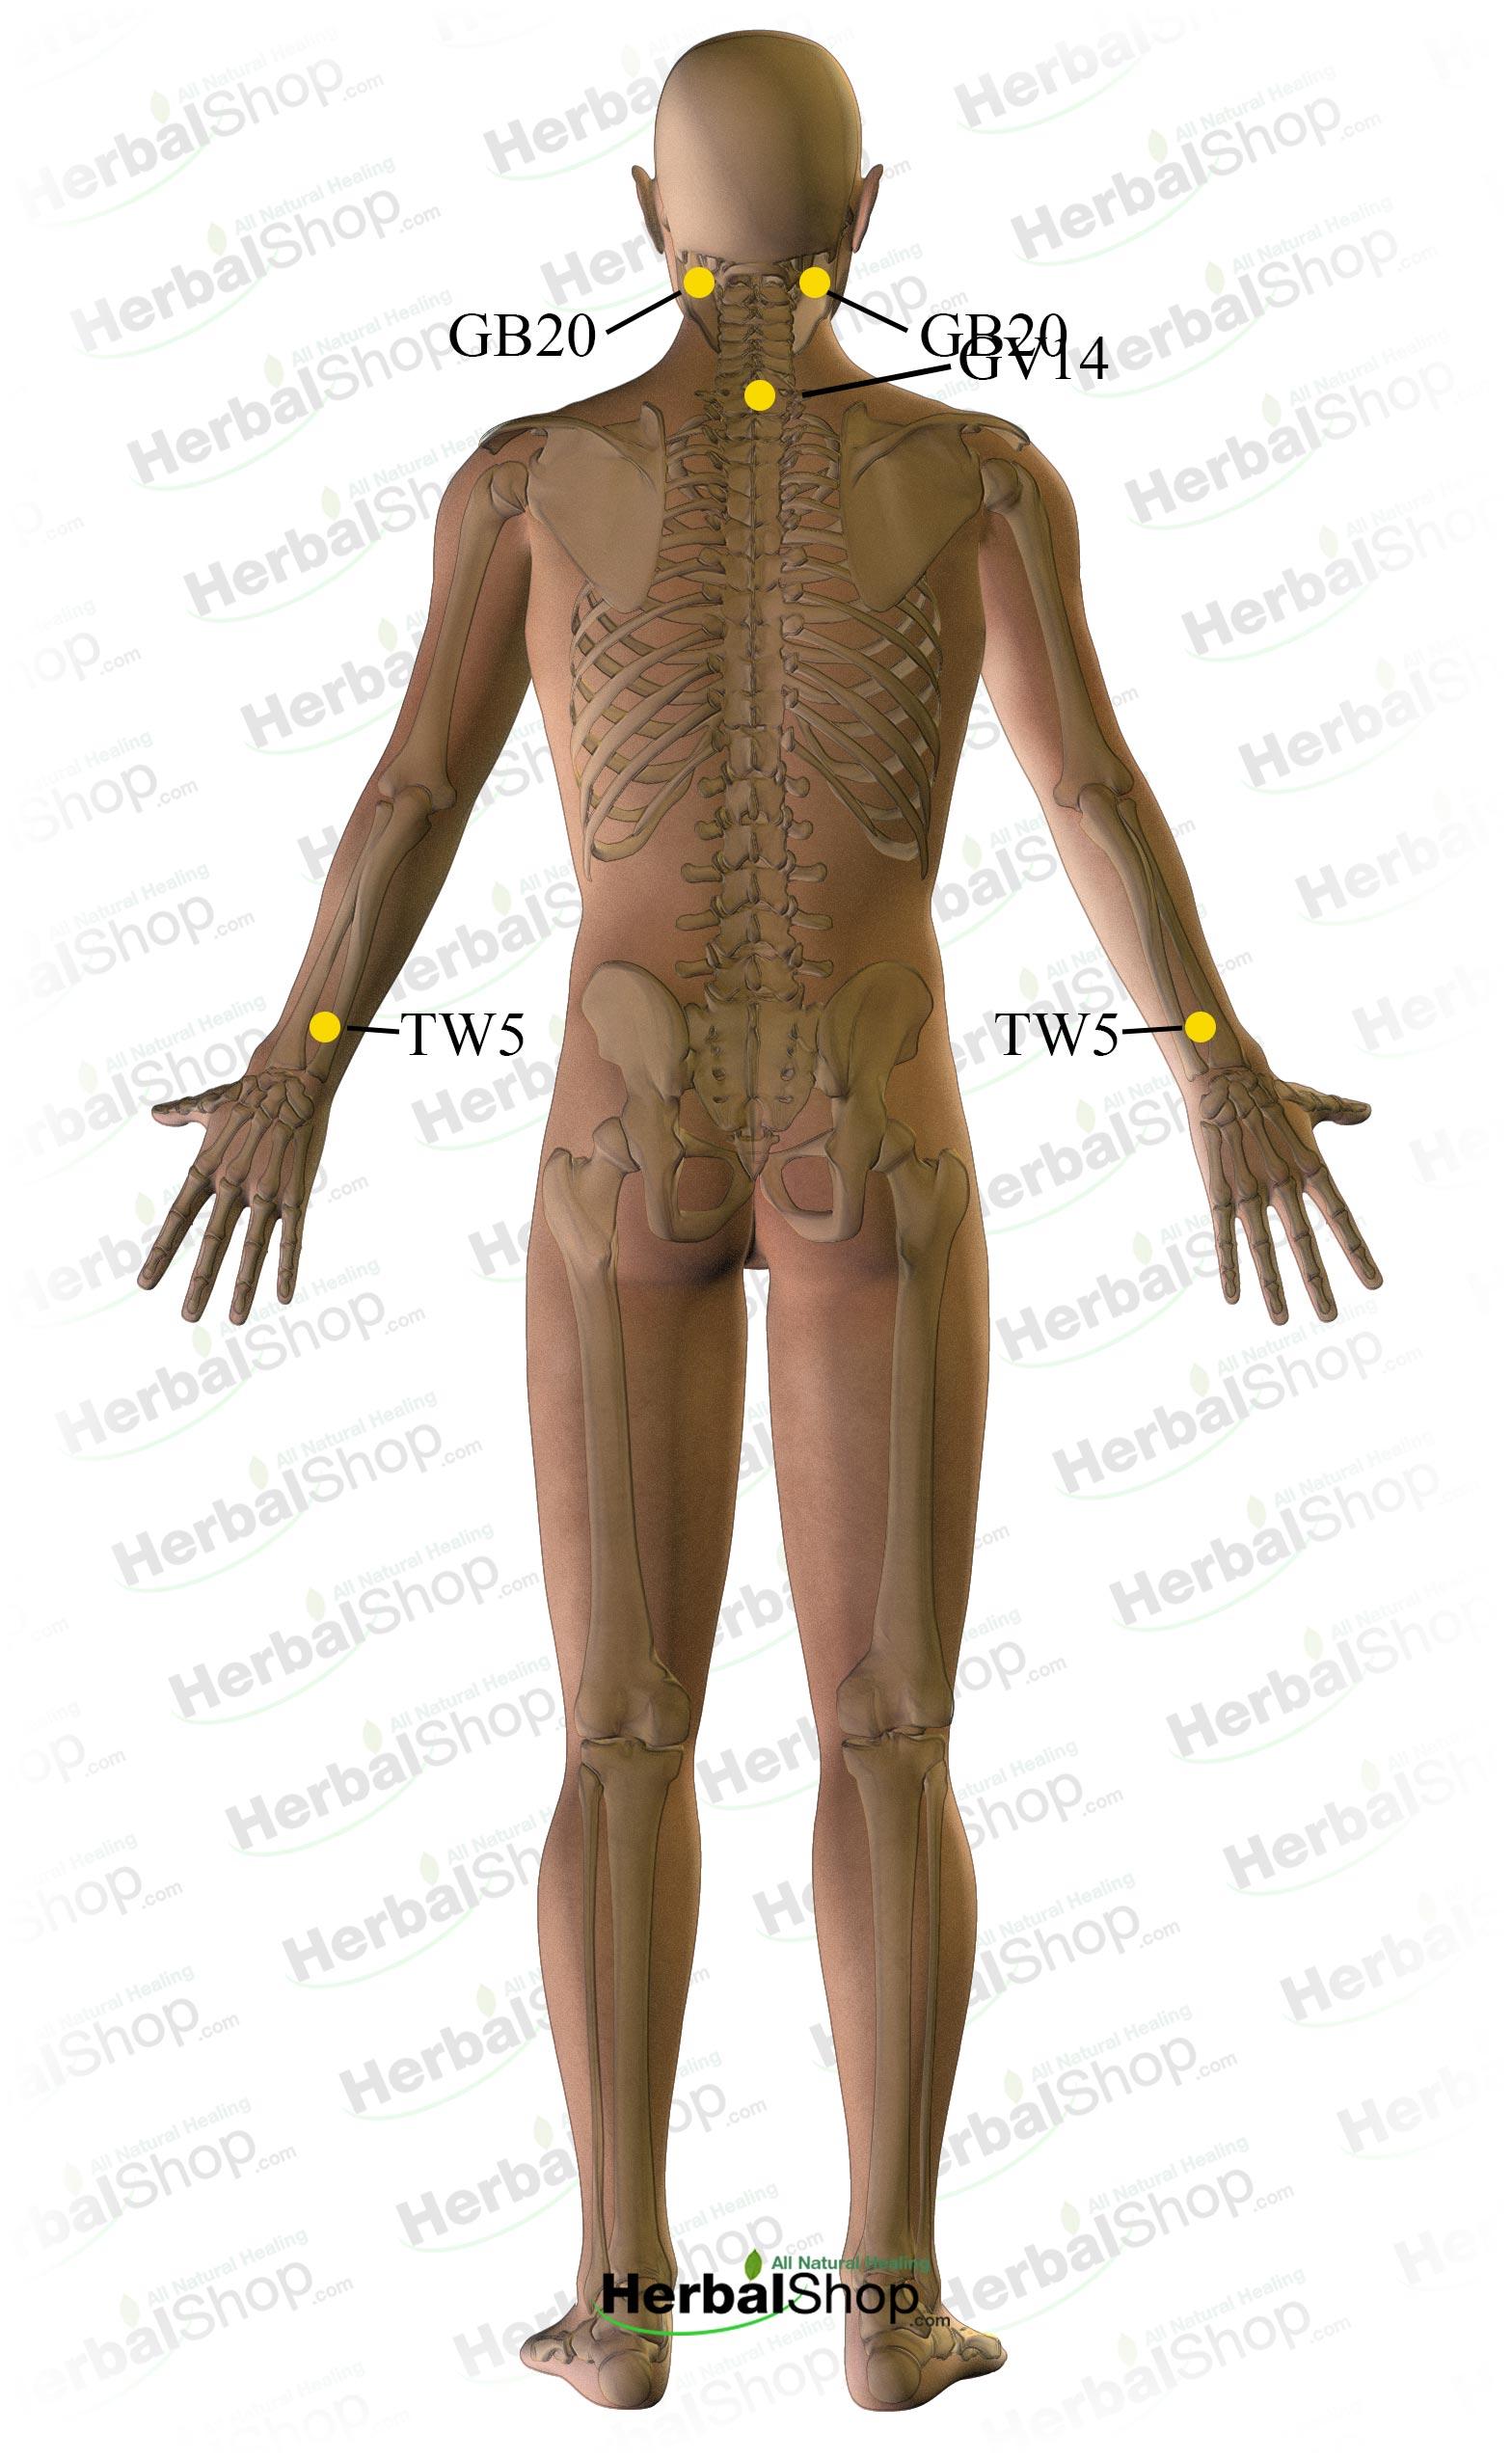 Backache - Upper (Upper Backache)